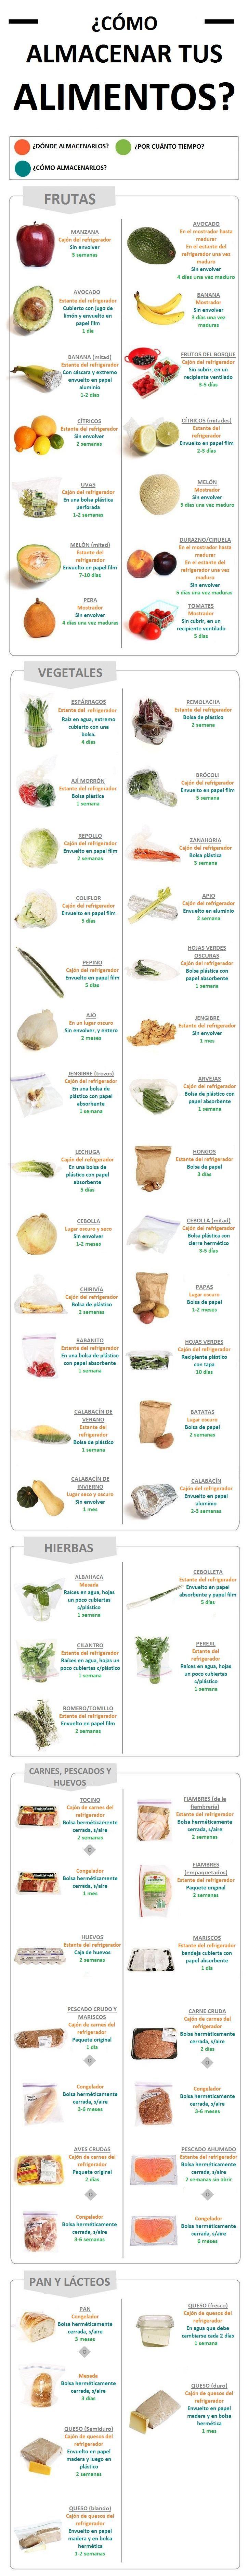 Guía: Las Mejores Formas De Almacenar Alimentos